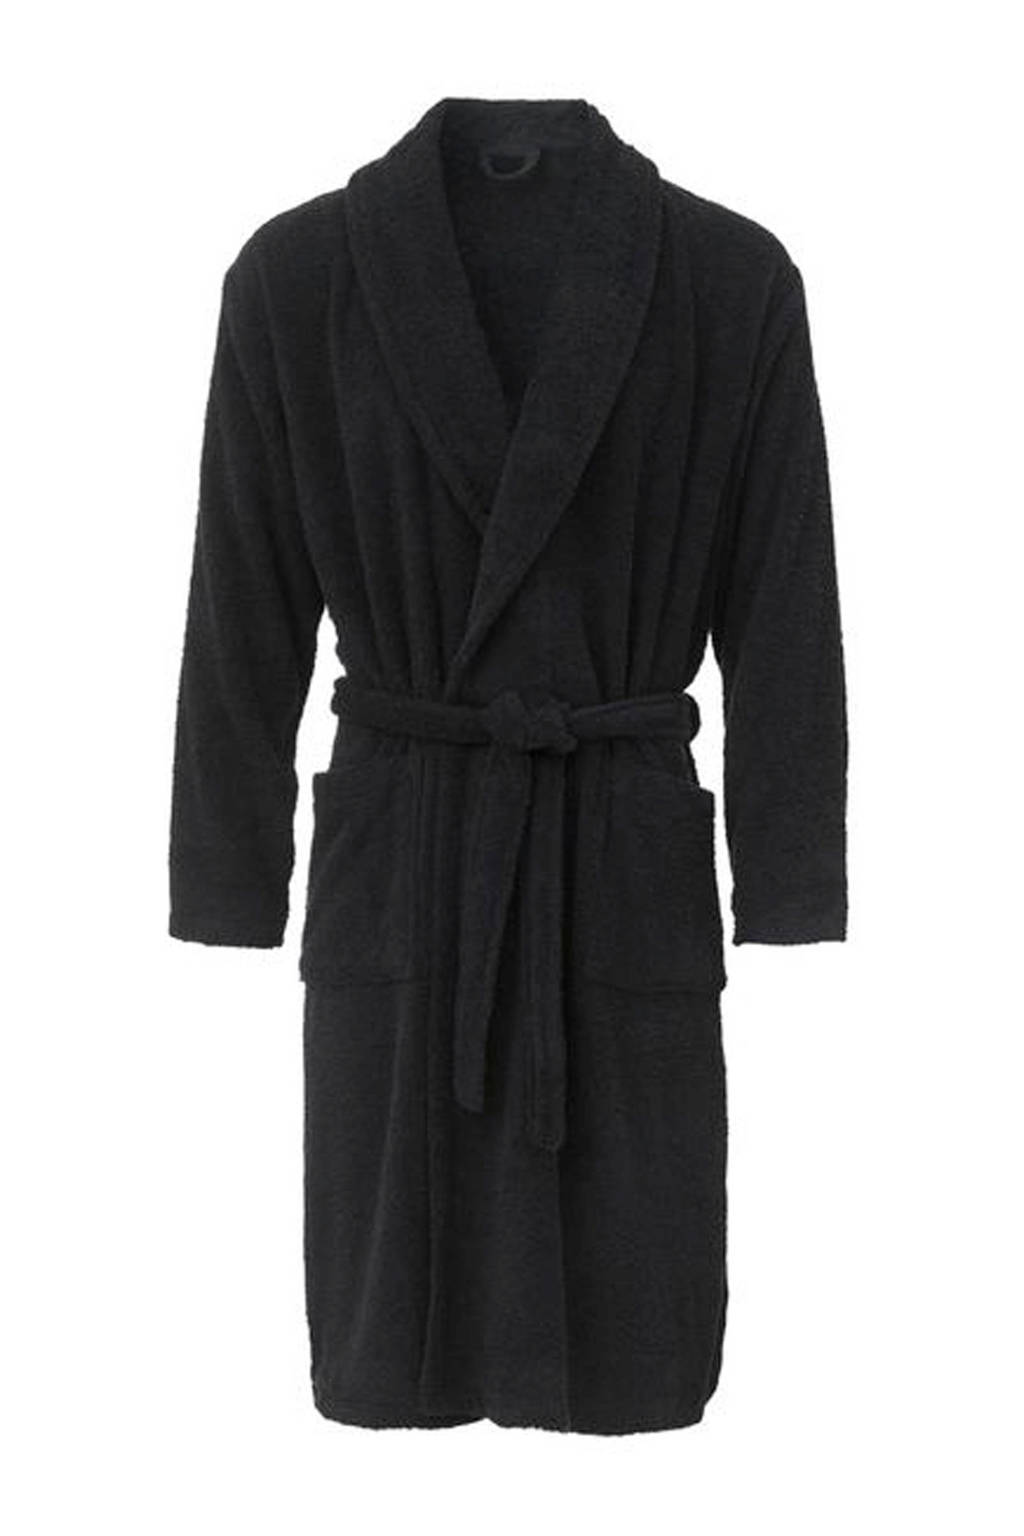 HEMA badstof badjas donkerblauw, Donkerblauw